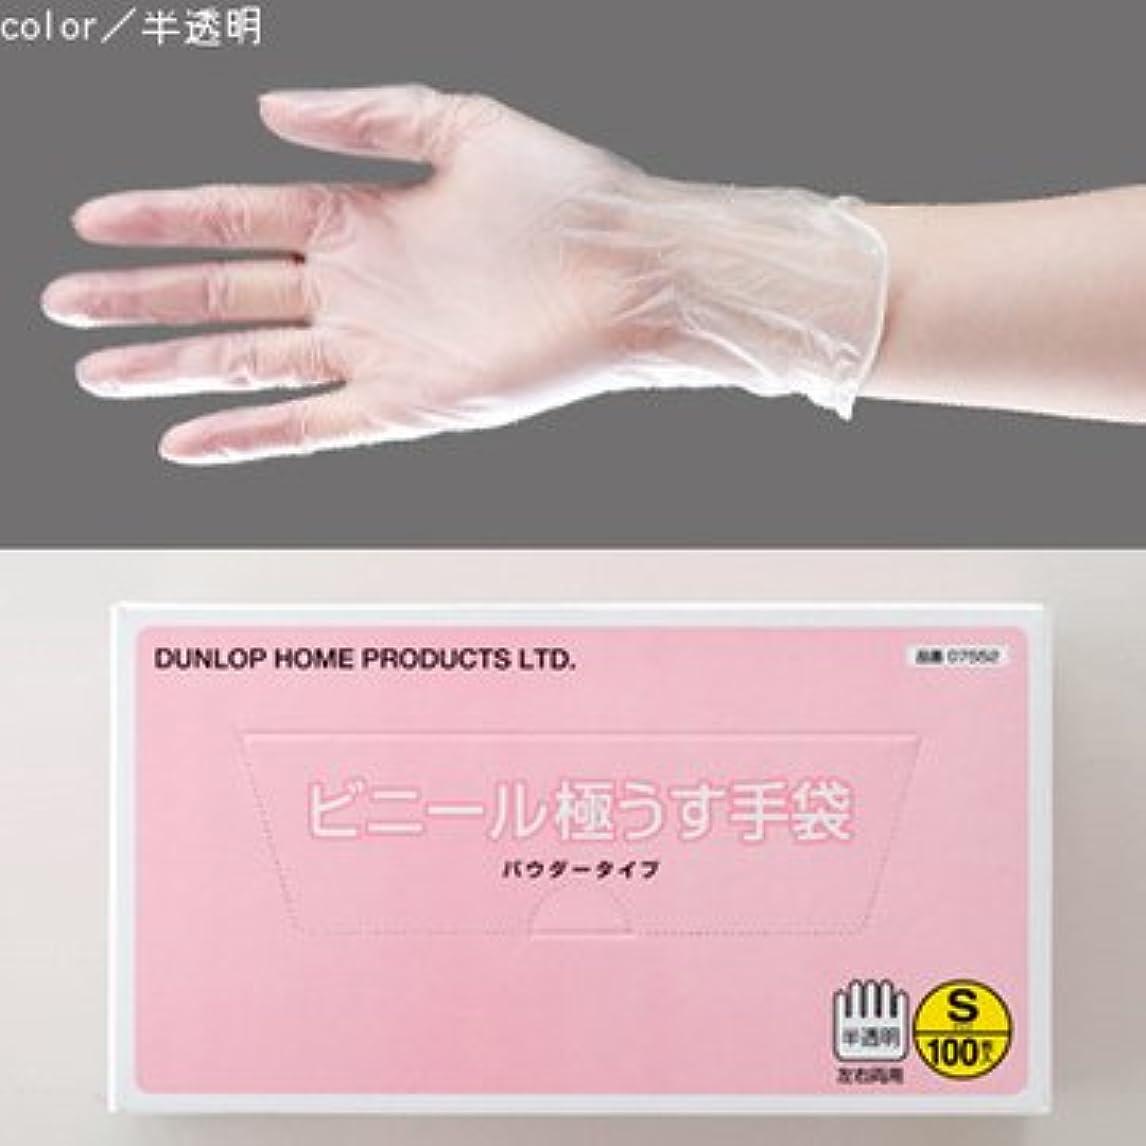 ビニール極うす手袋 100枚入 (L)